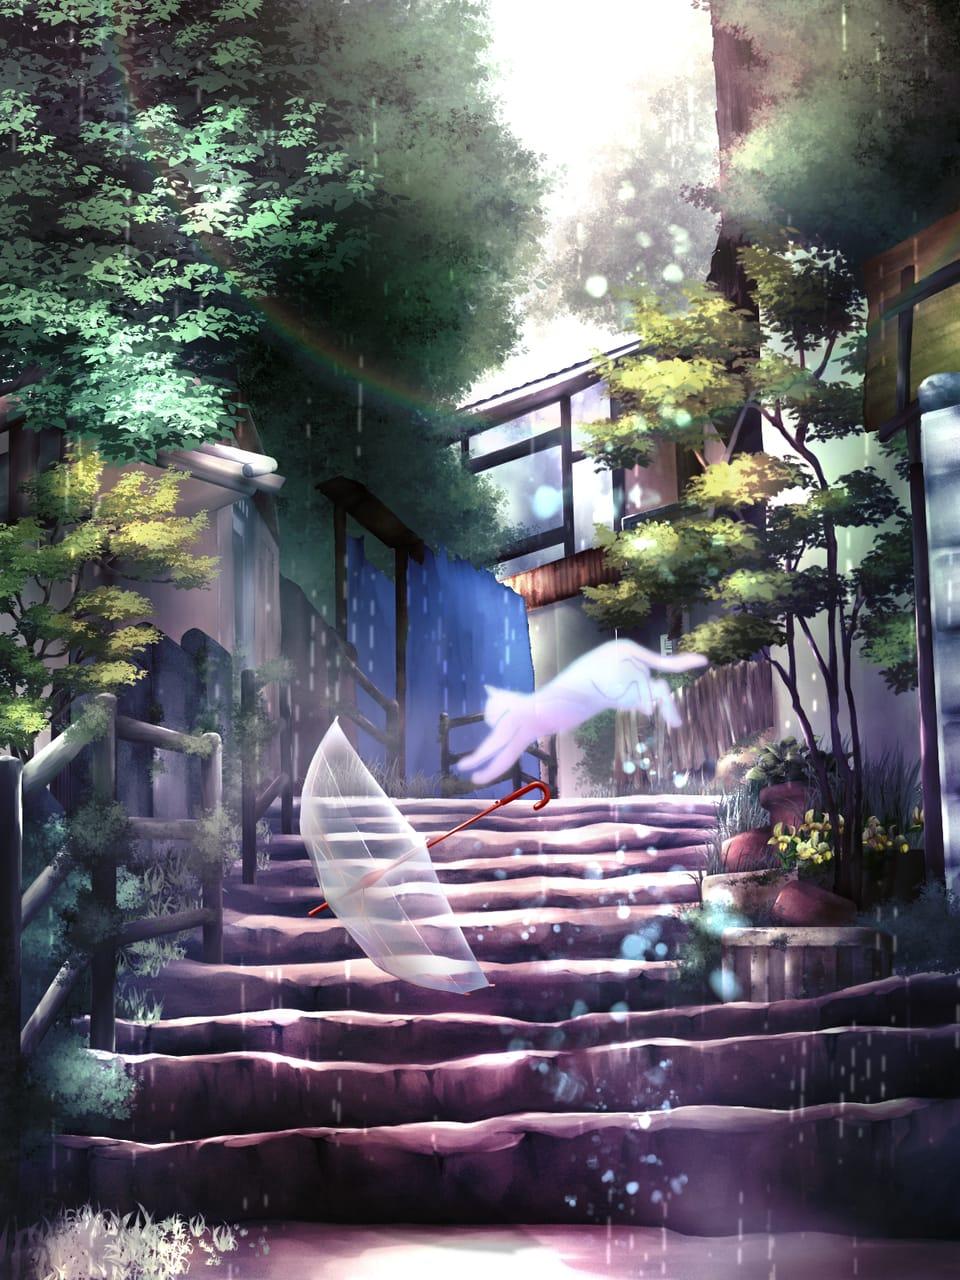 翠雨のうたかた Illust of ゆきとも rain cat umbrella 幽霊 雨の降る日